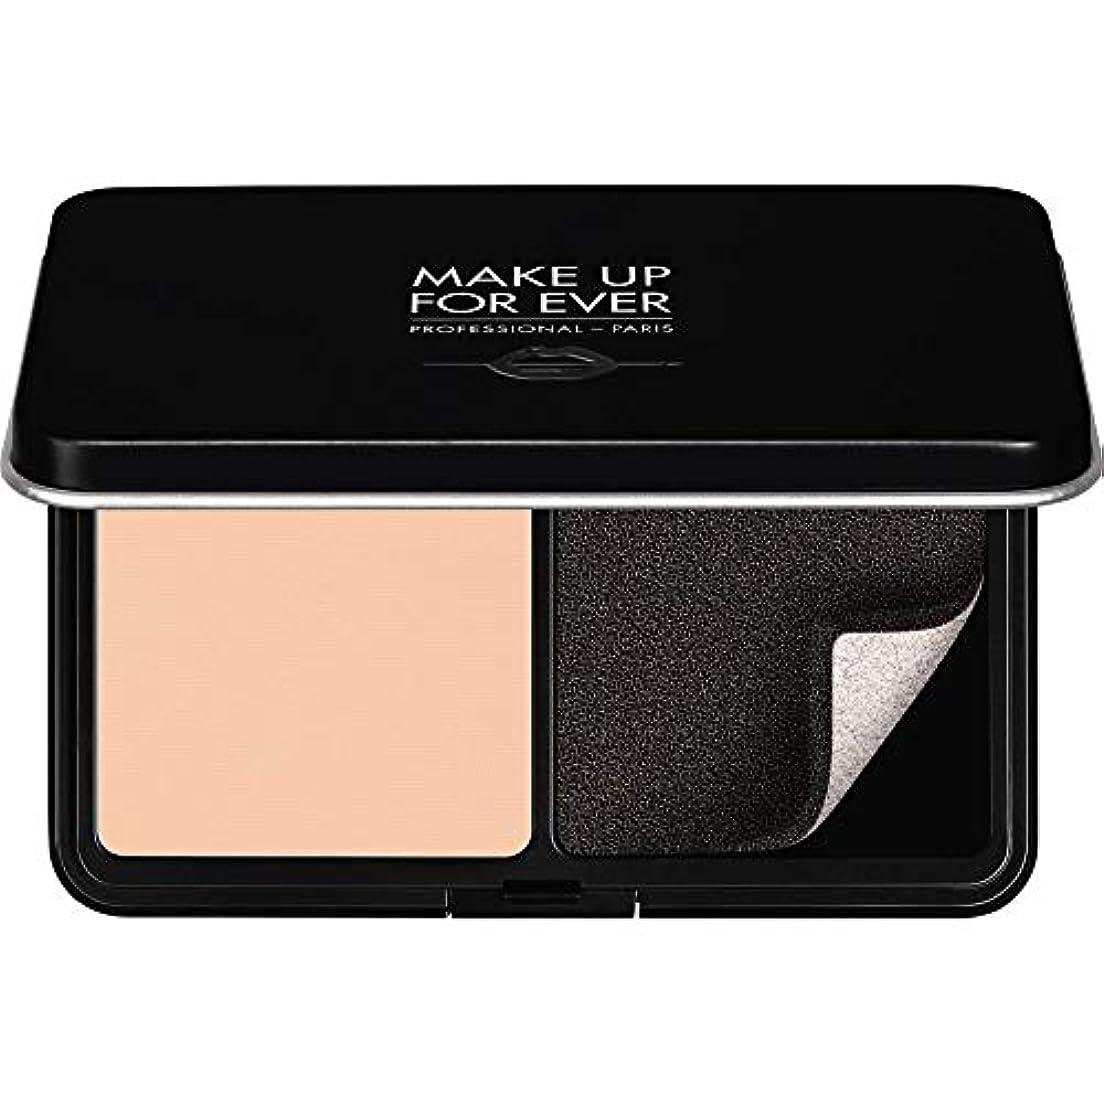 特派員吸うレポートを書く[MAKE UP FOR EVER ] パウダーファンデーション11GののR210をぼかし、これまでマットベルベットの肌を補う - ピンクアラバスター - MAKE UP FOR EVER Matte Velvet Skin...